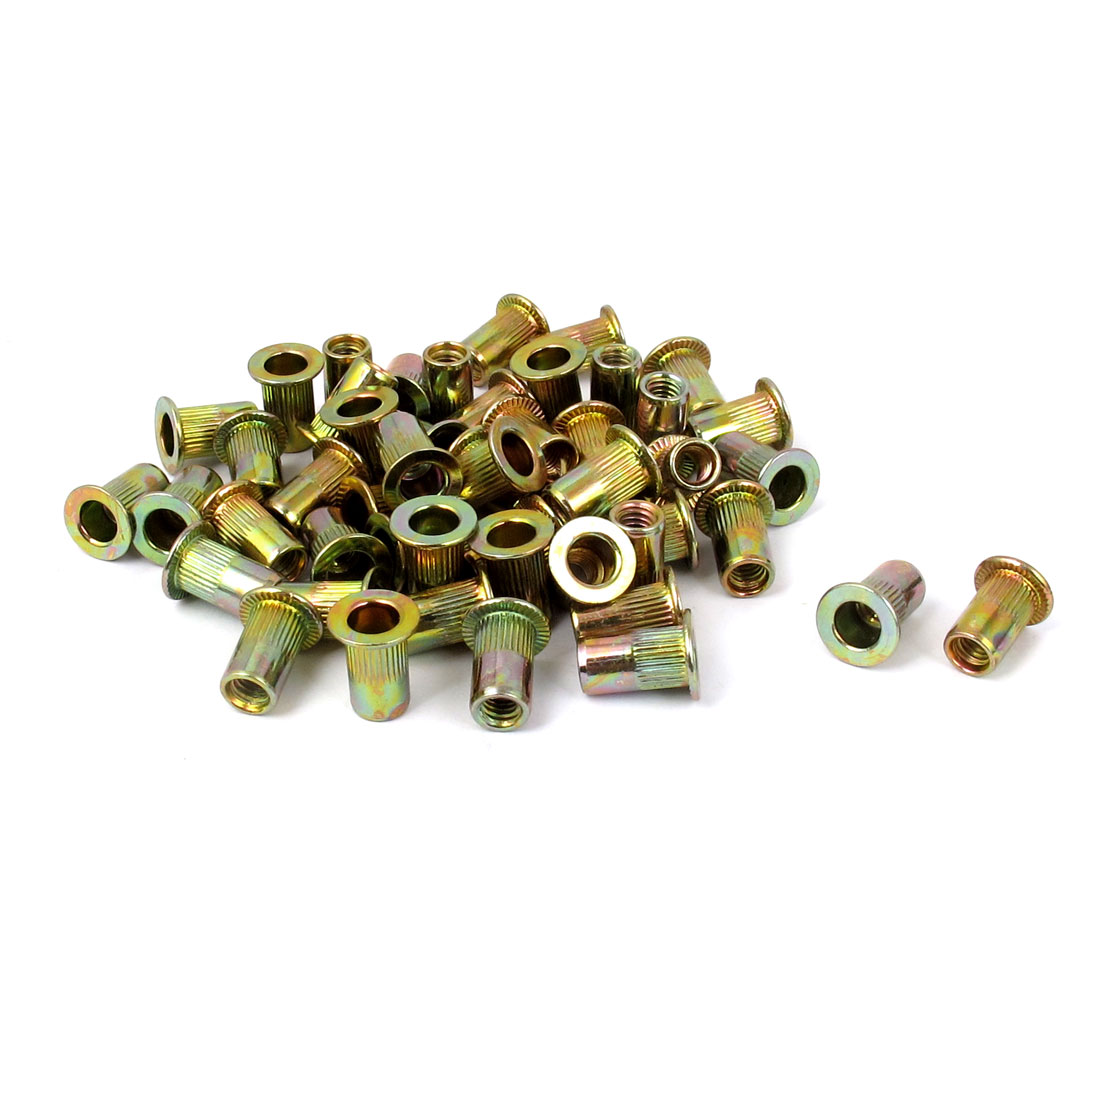 M4x11mm Zinc Plated Flat Head Blind Rivet Nuts Insert Nutserts 50pcs